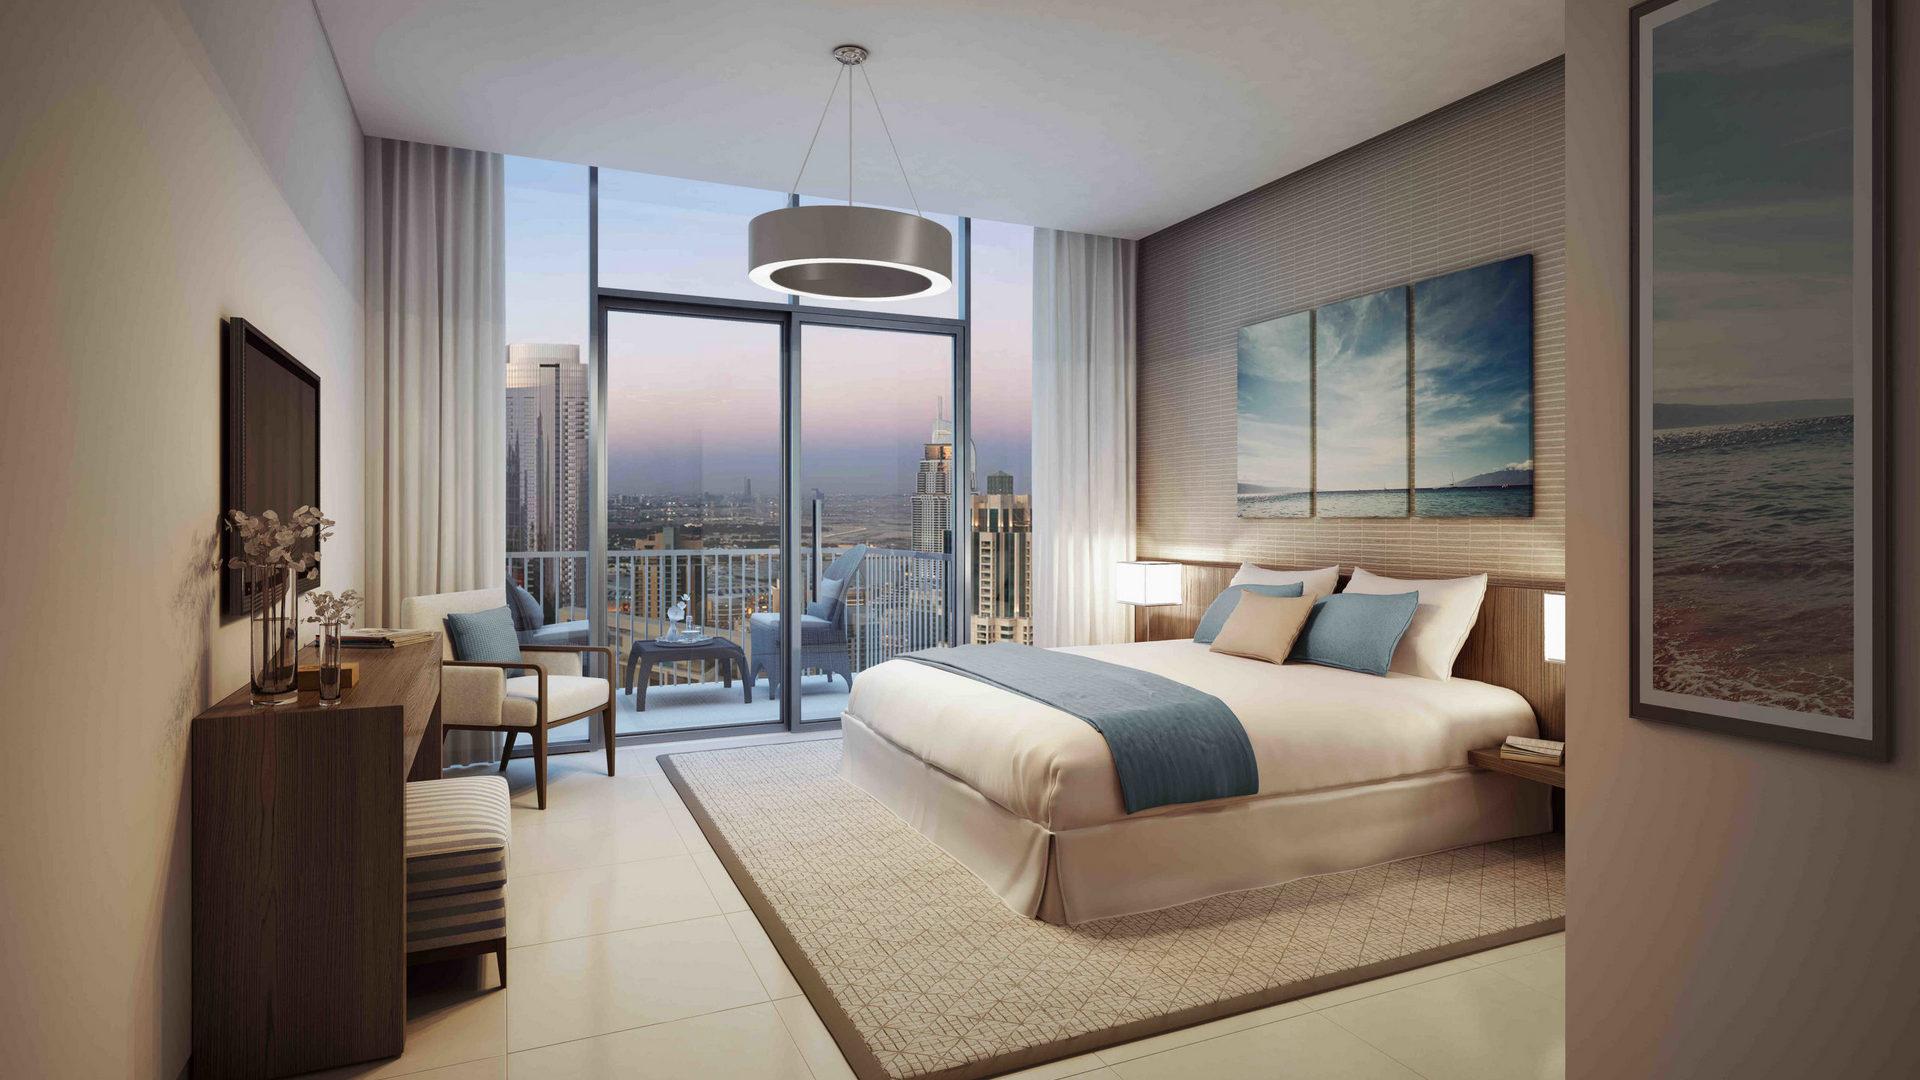 Apartamento en venta en Dubai, EAU, 1 dormitorio, 81 m2, № 24034 – foto 1